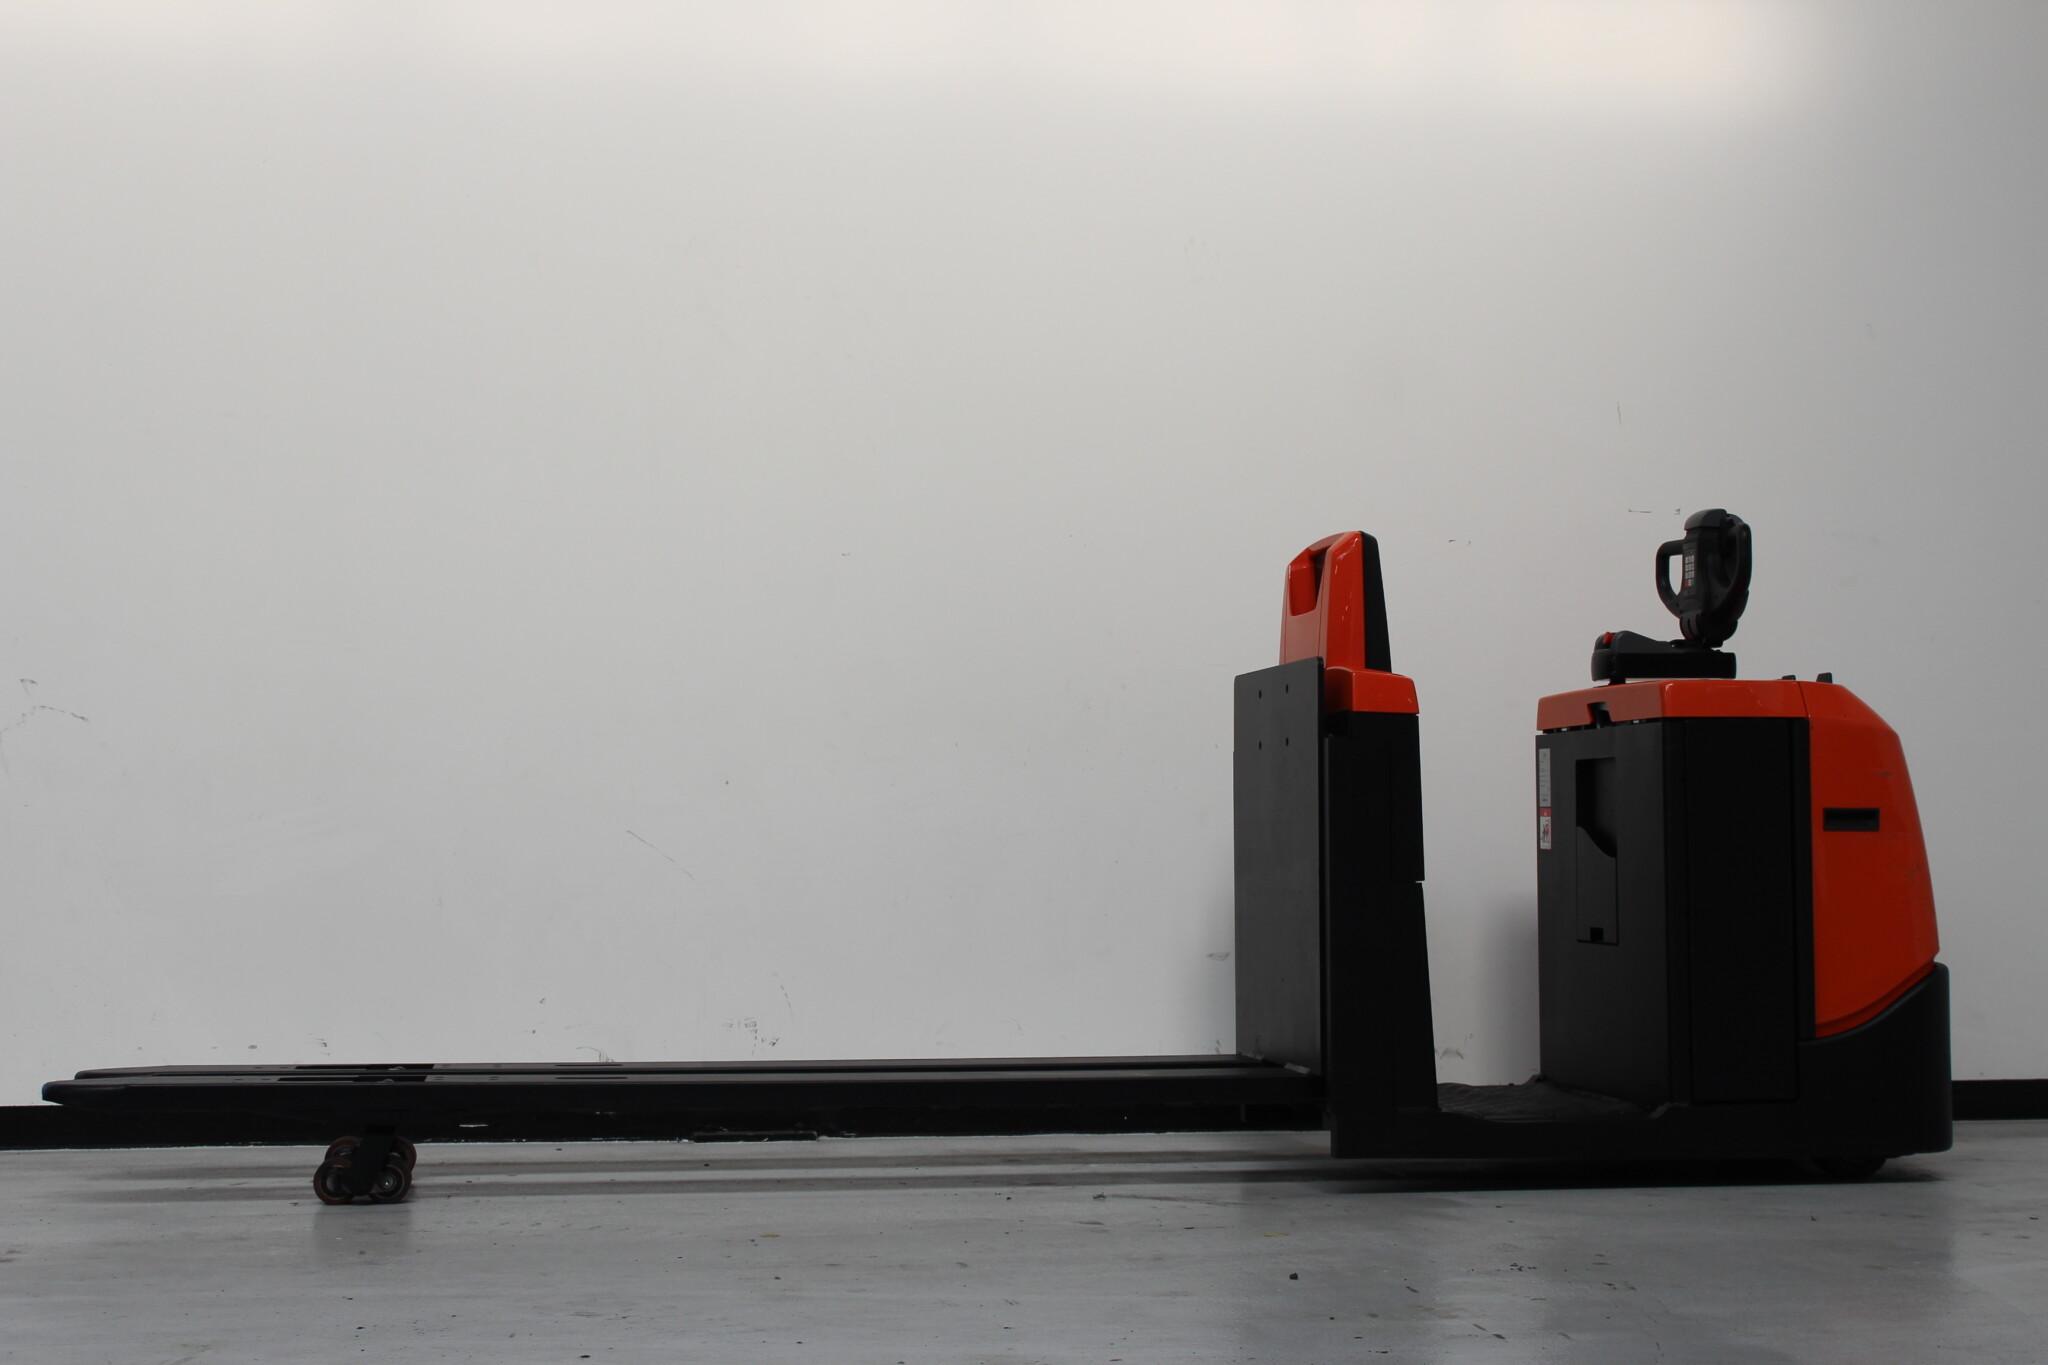 Toyota-Gabelstapler-59840 1605018708 1 scaled